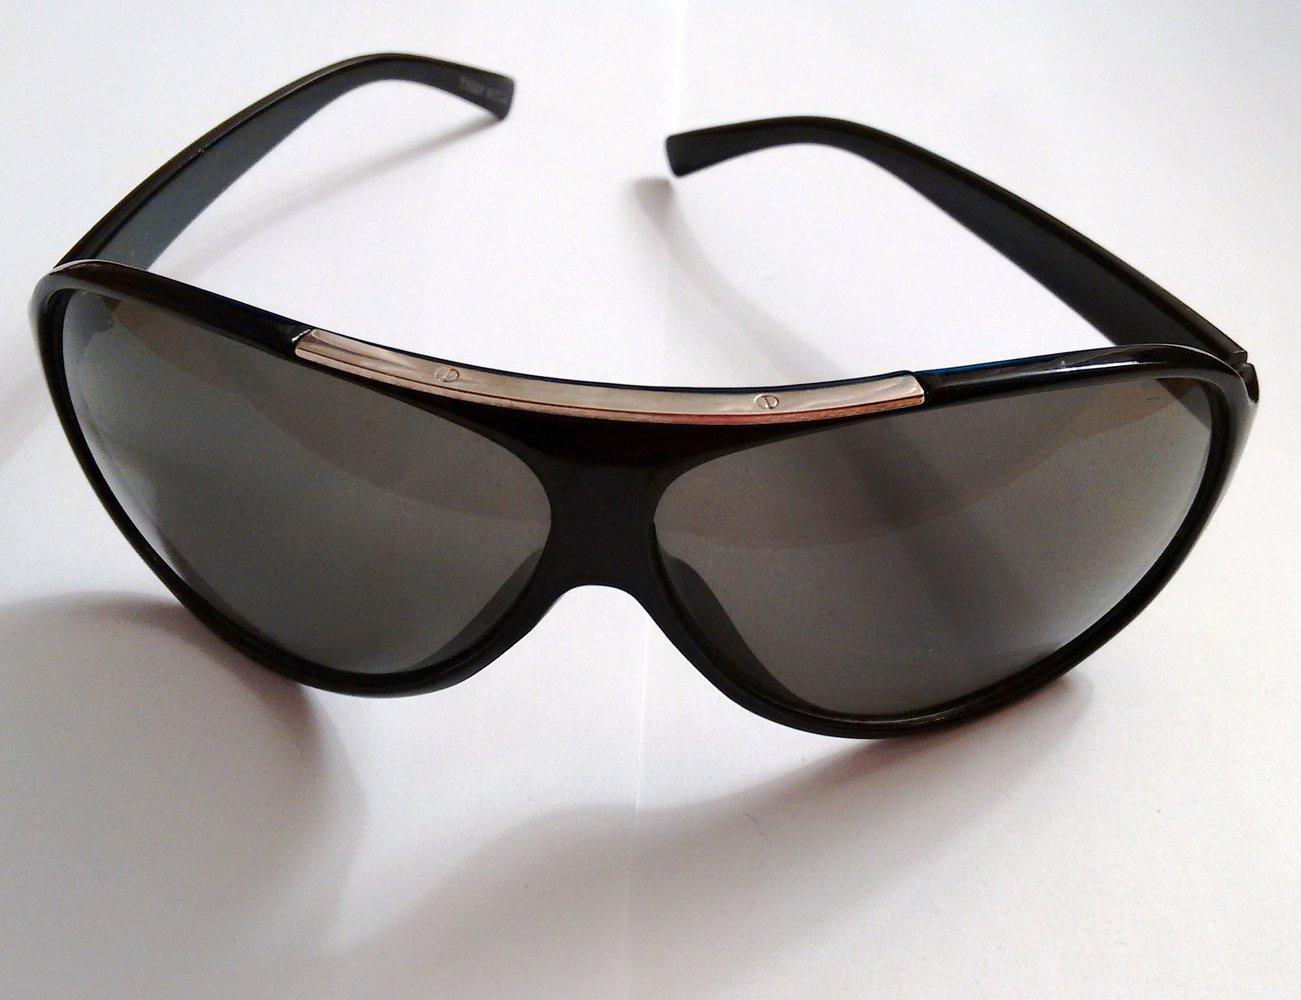 Coole Sonnenbrille Schwarz Glaser Etwas Grun Silber Highlights